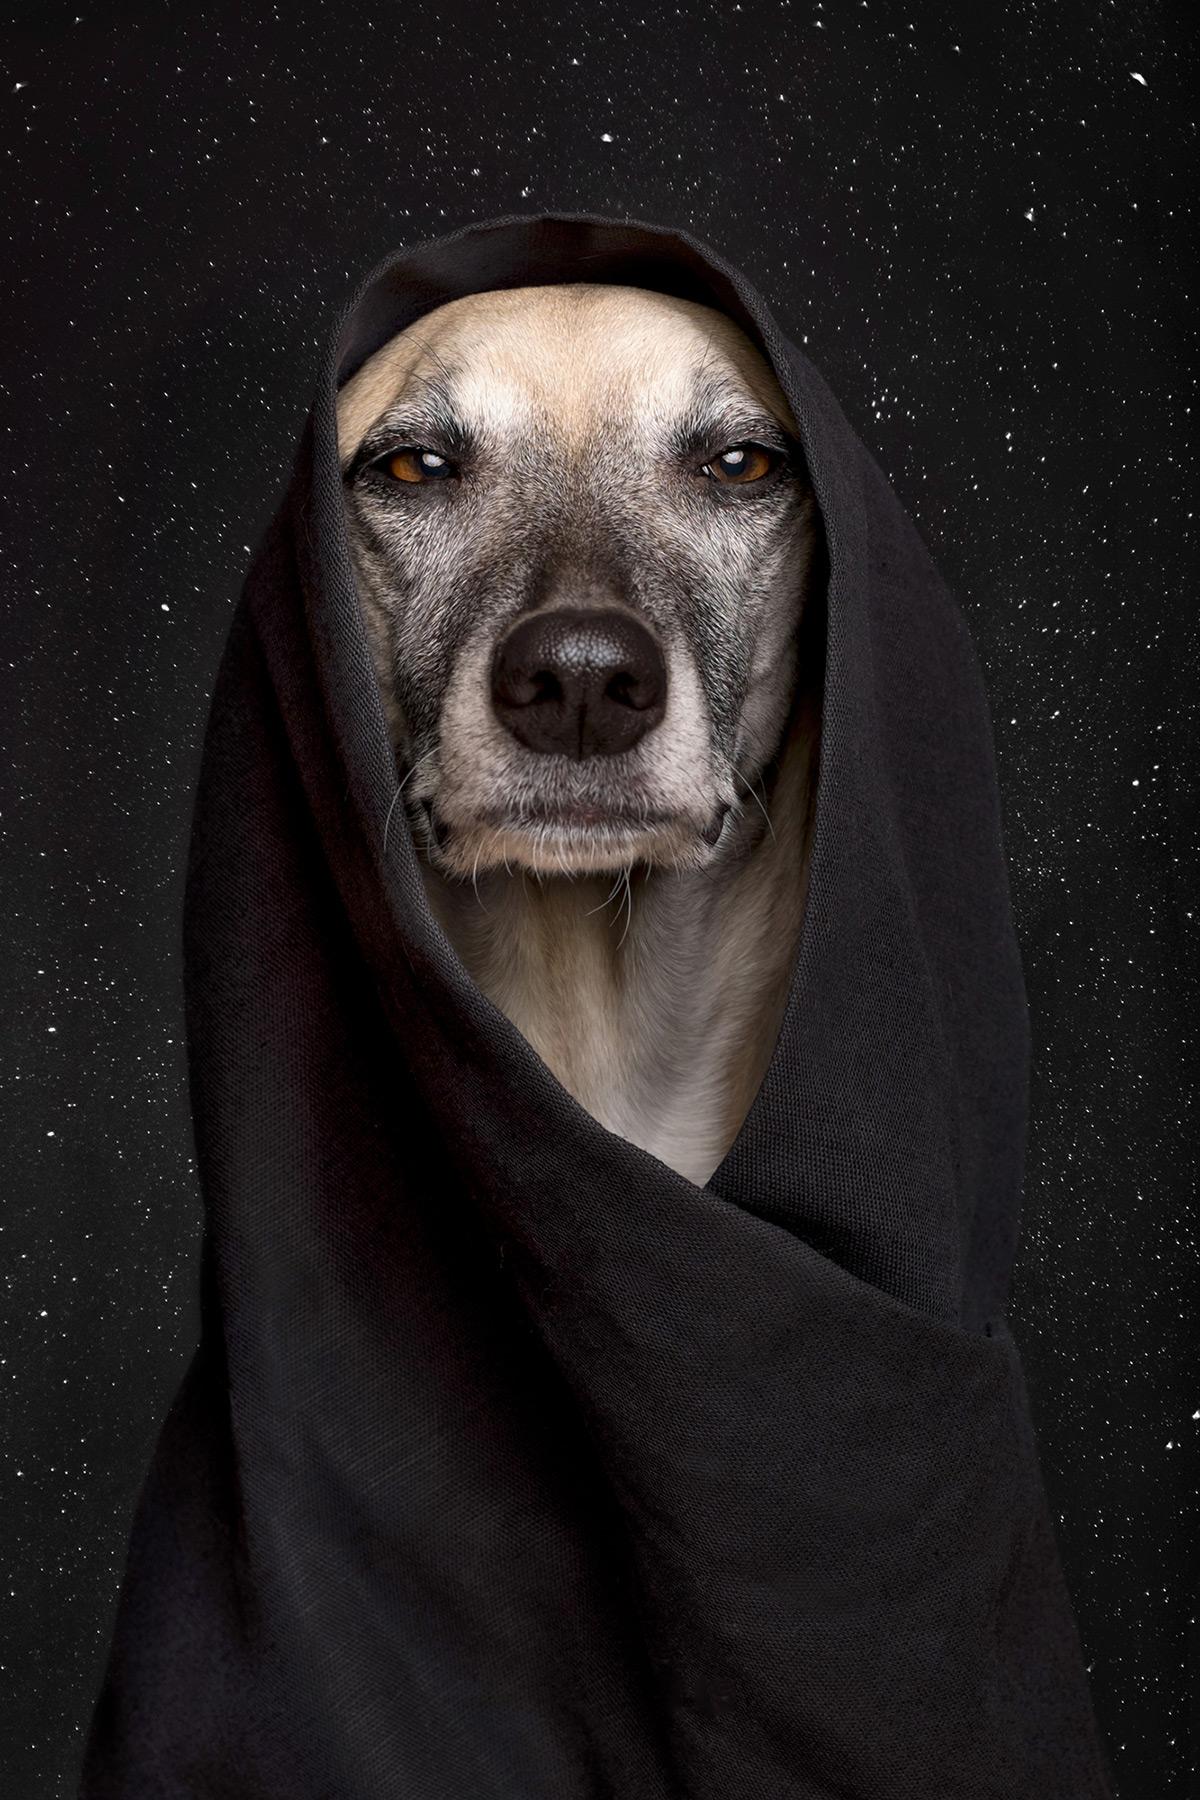 Os retratos engraçados que revelam as emoções fugazes dos cães 05